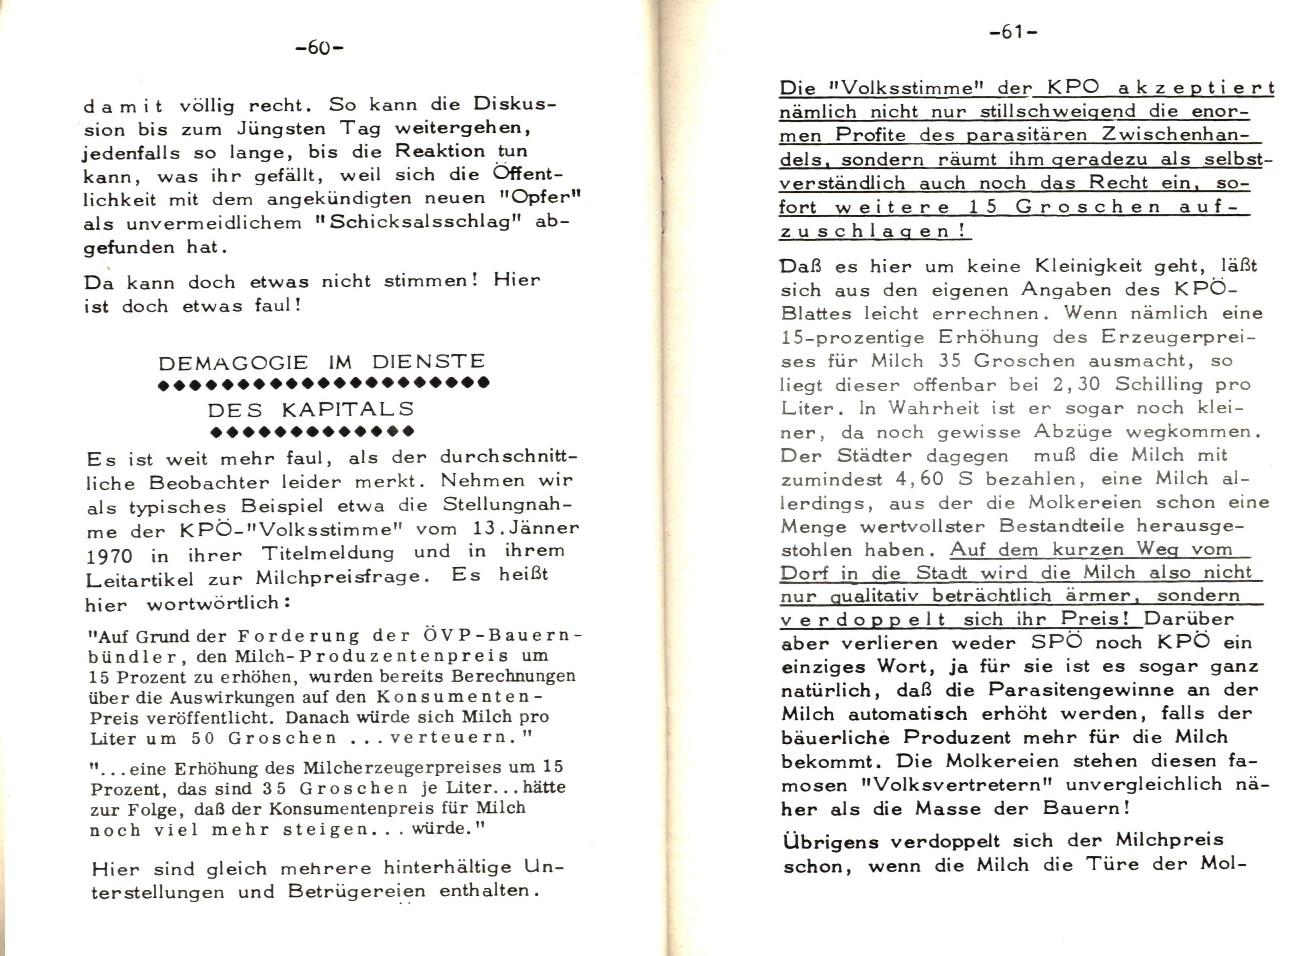 MLSK_Theorie_und_Praxis_des_ML_1978_23_34